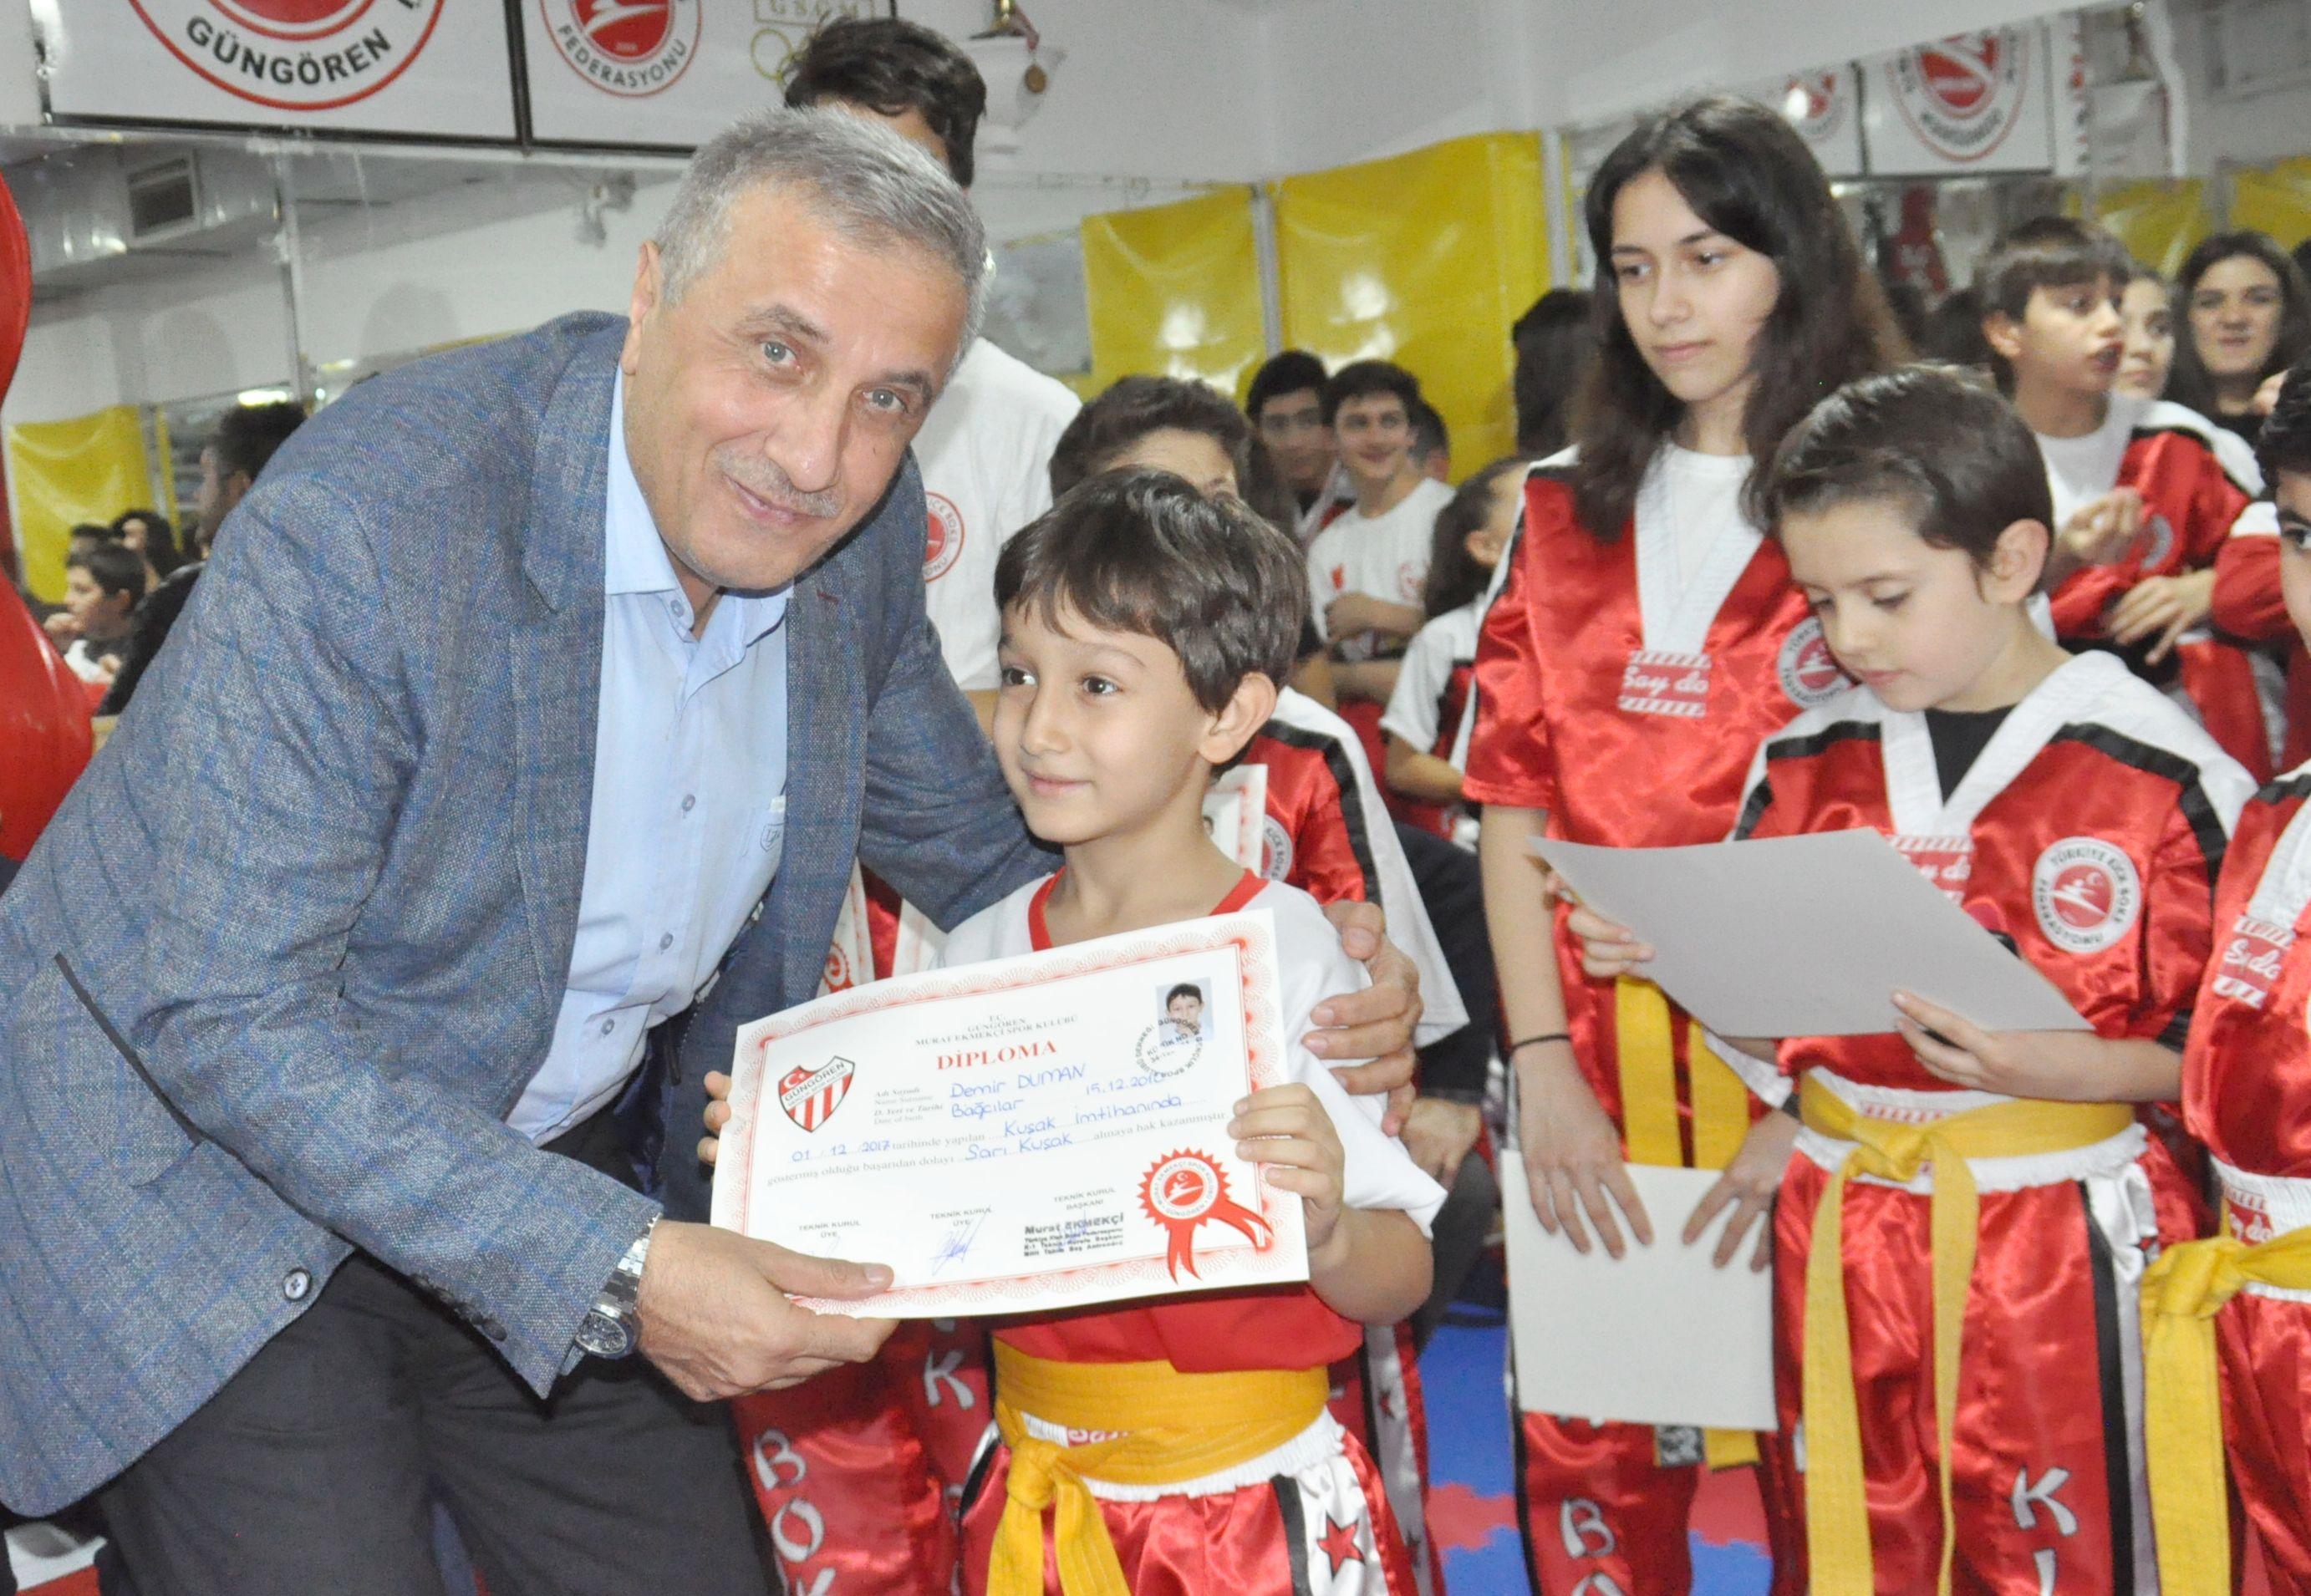 Güngören Murat Ekmekçi Kick Boks Spor Okulu'nda diploma sevinci